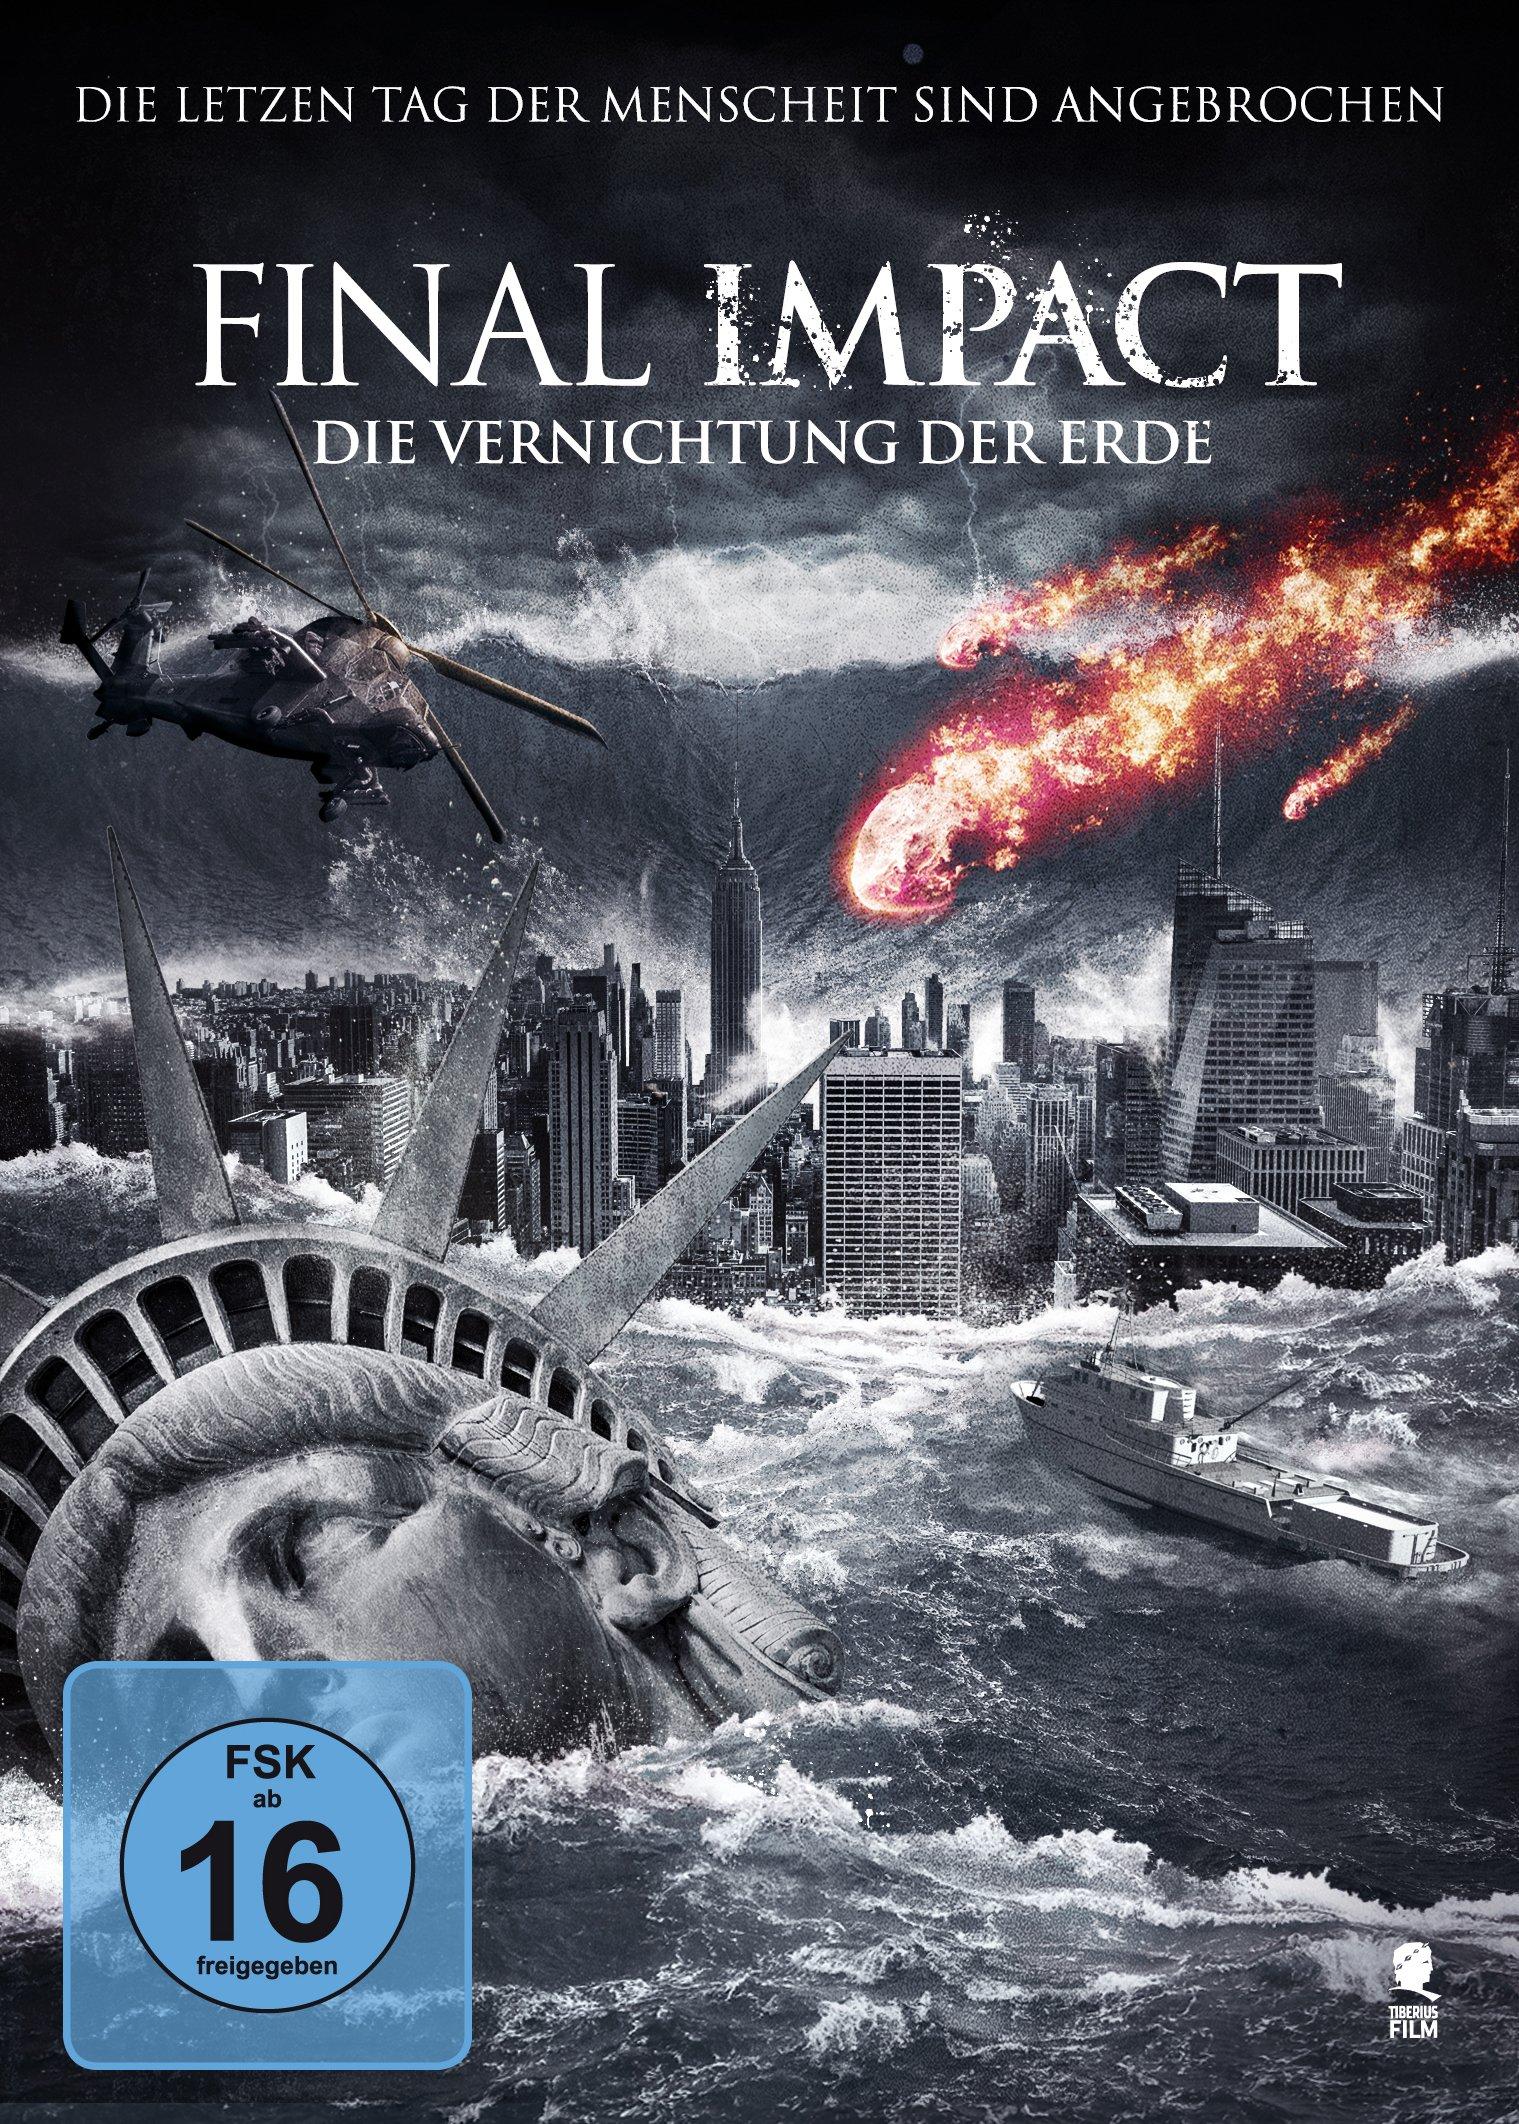 Final.Impact-Die.Vernichtung.der.Erde.2016.German.DL.AC3.5.1.WEBRiP.1080p.x264-EDE